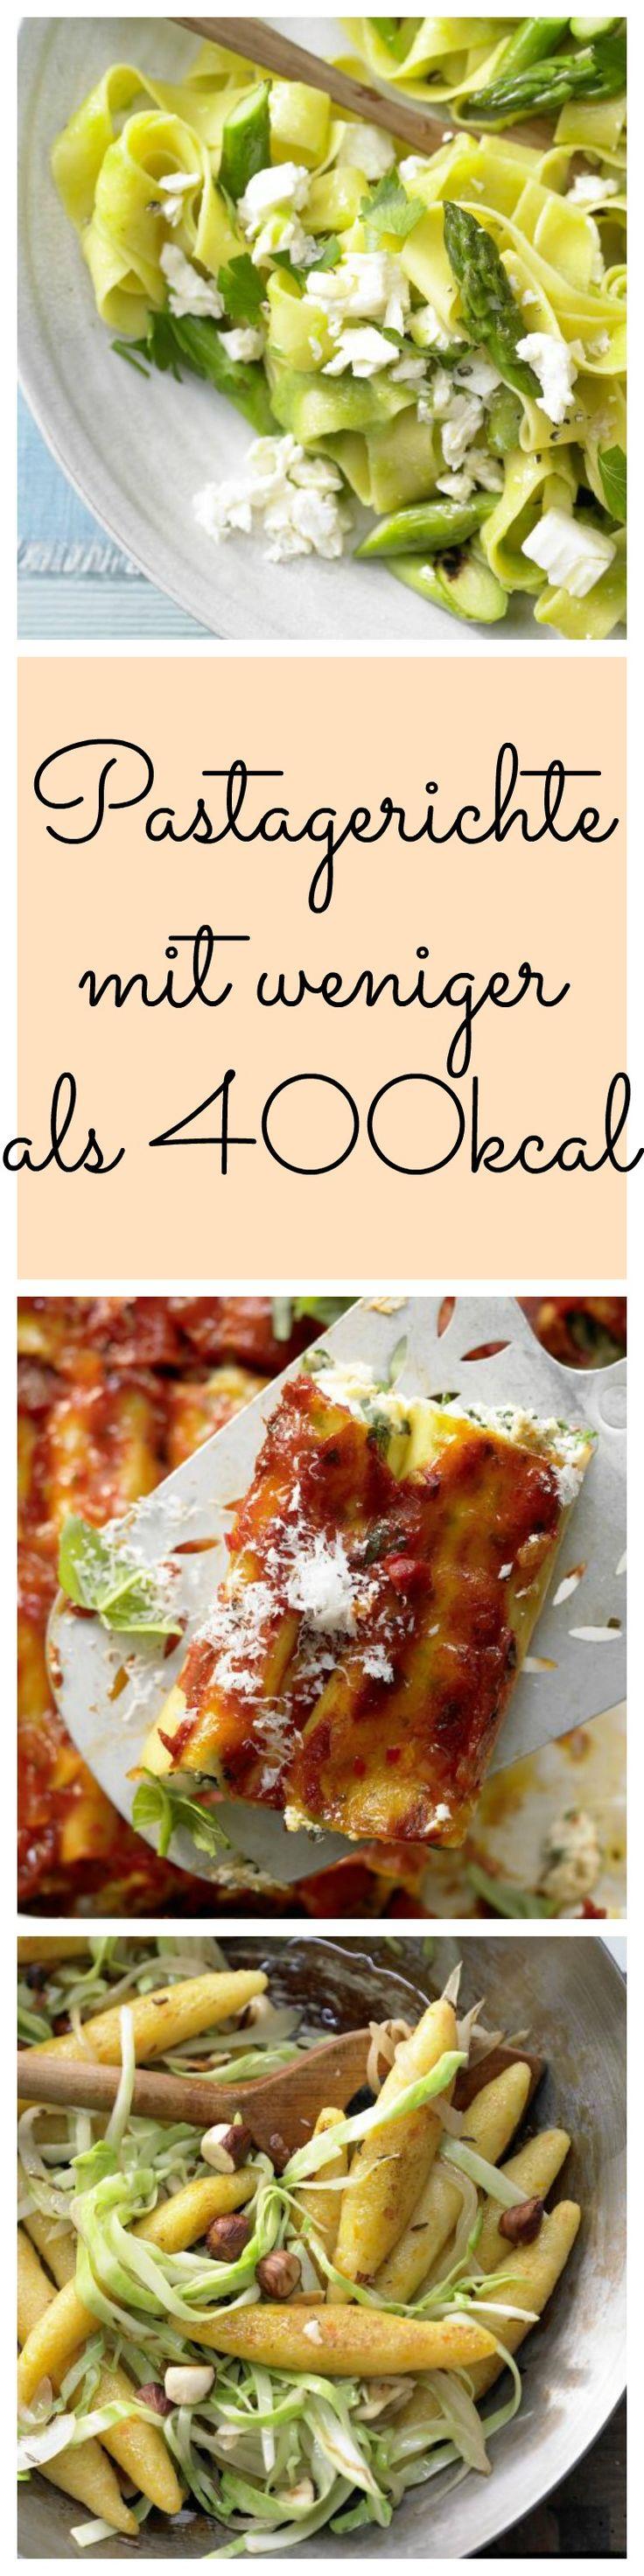 Egal ob Spaghetti, Fussili oder Penne. Pasta muss nicht immer kalorienhaltig bedeuten. Unsere Nudelgerichte weniger als 400 Kalorien und sind trotzdem lecker.